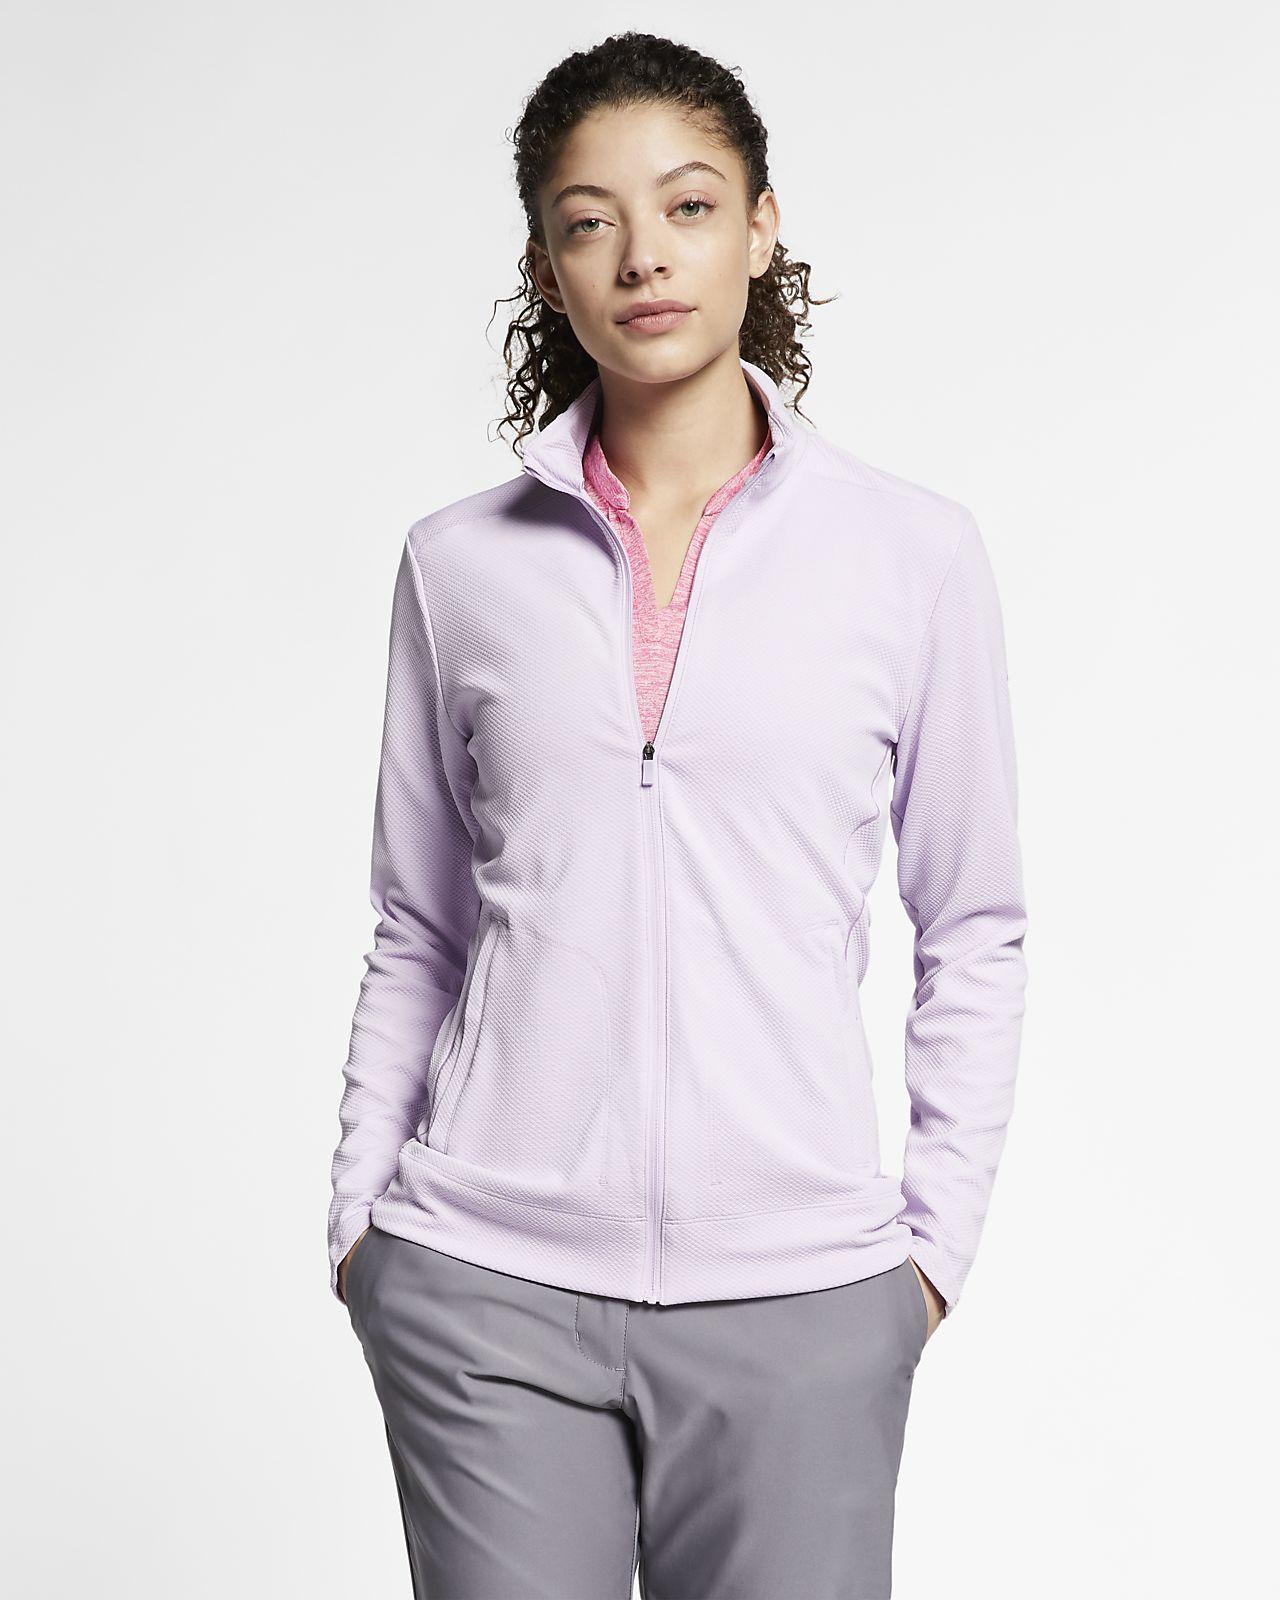 Golfjacka Nike Dri-FIT UV för kvinnor